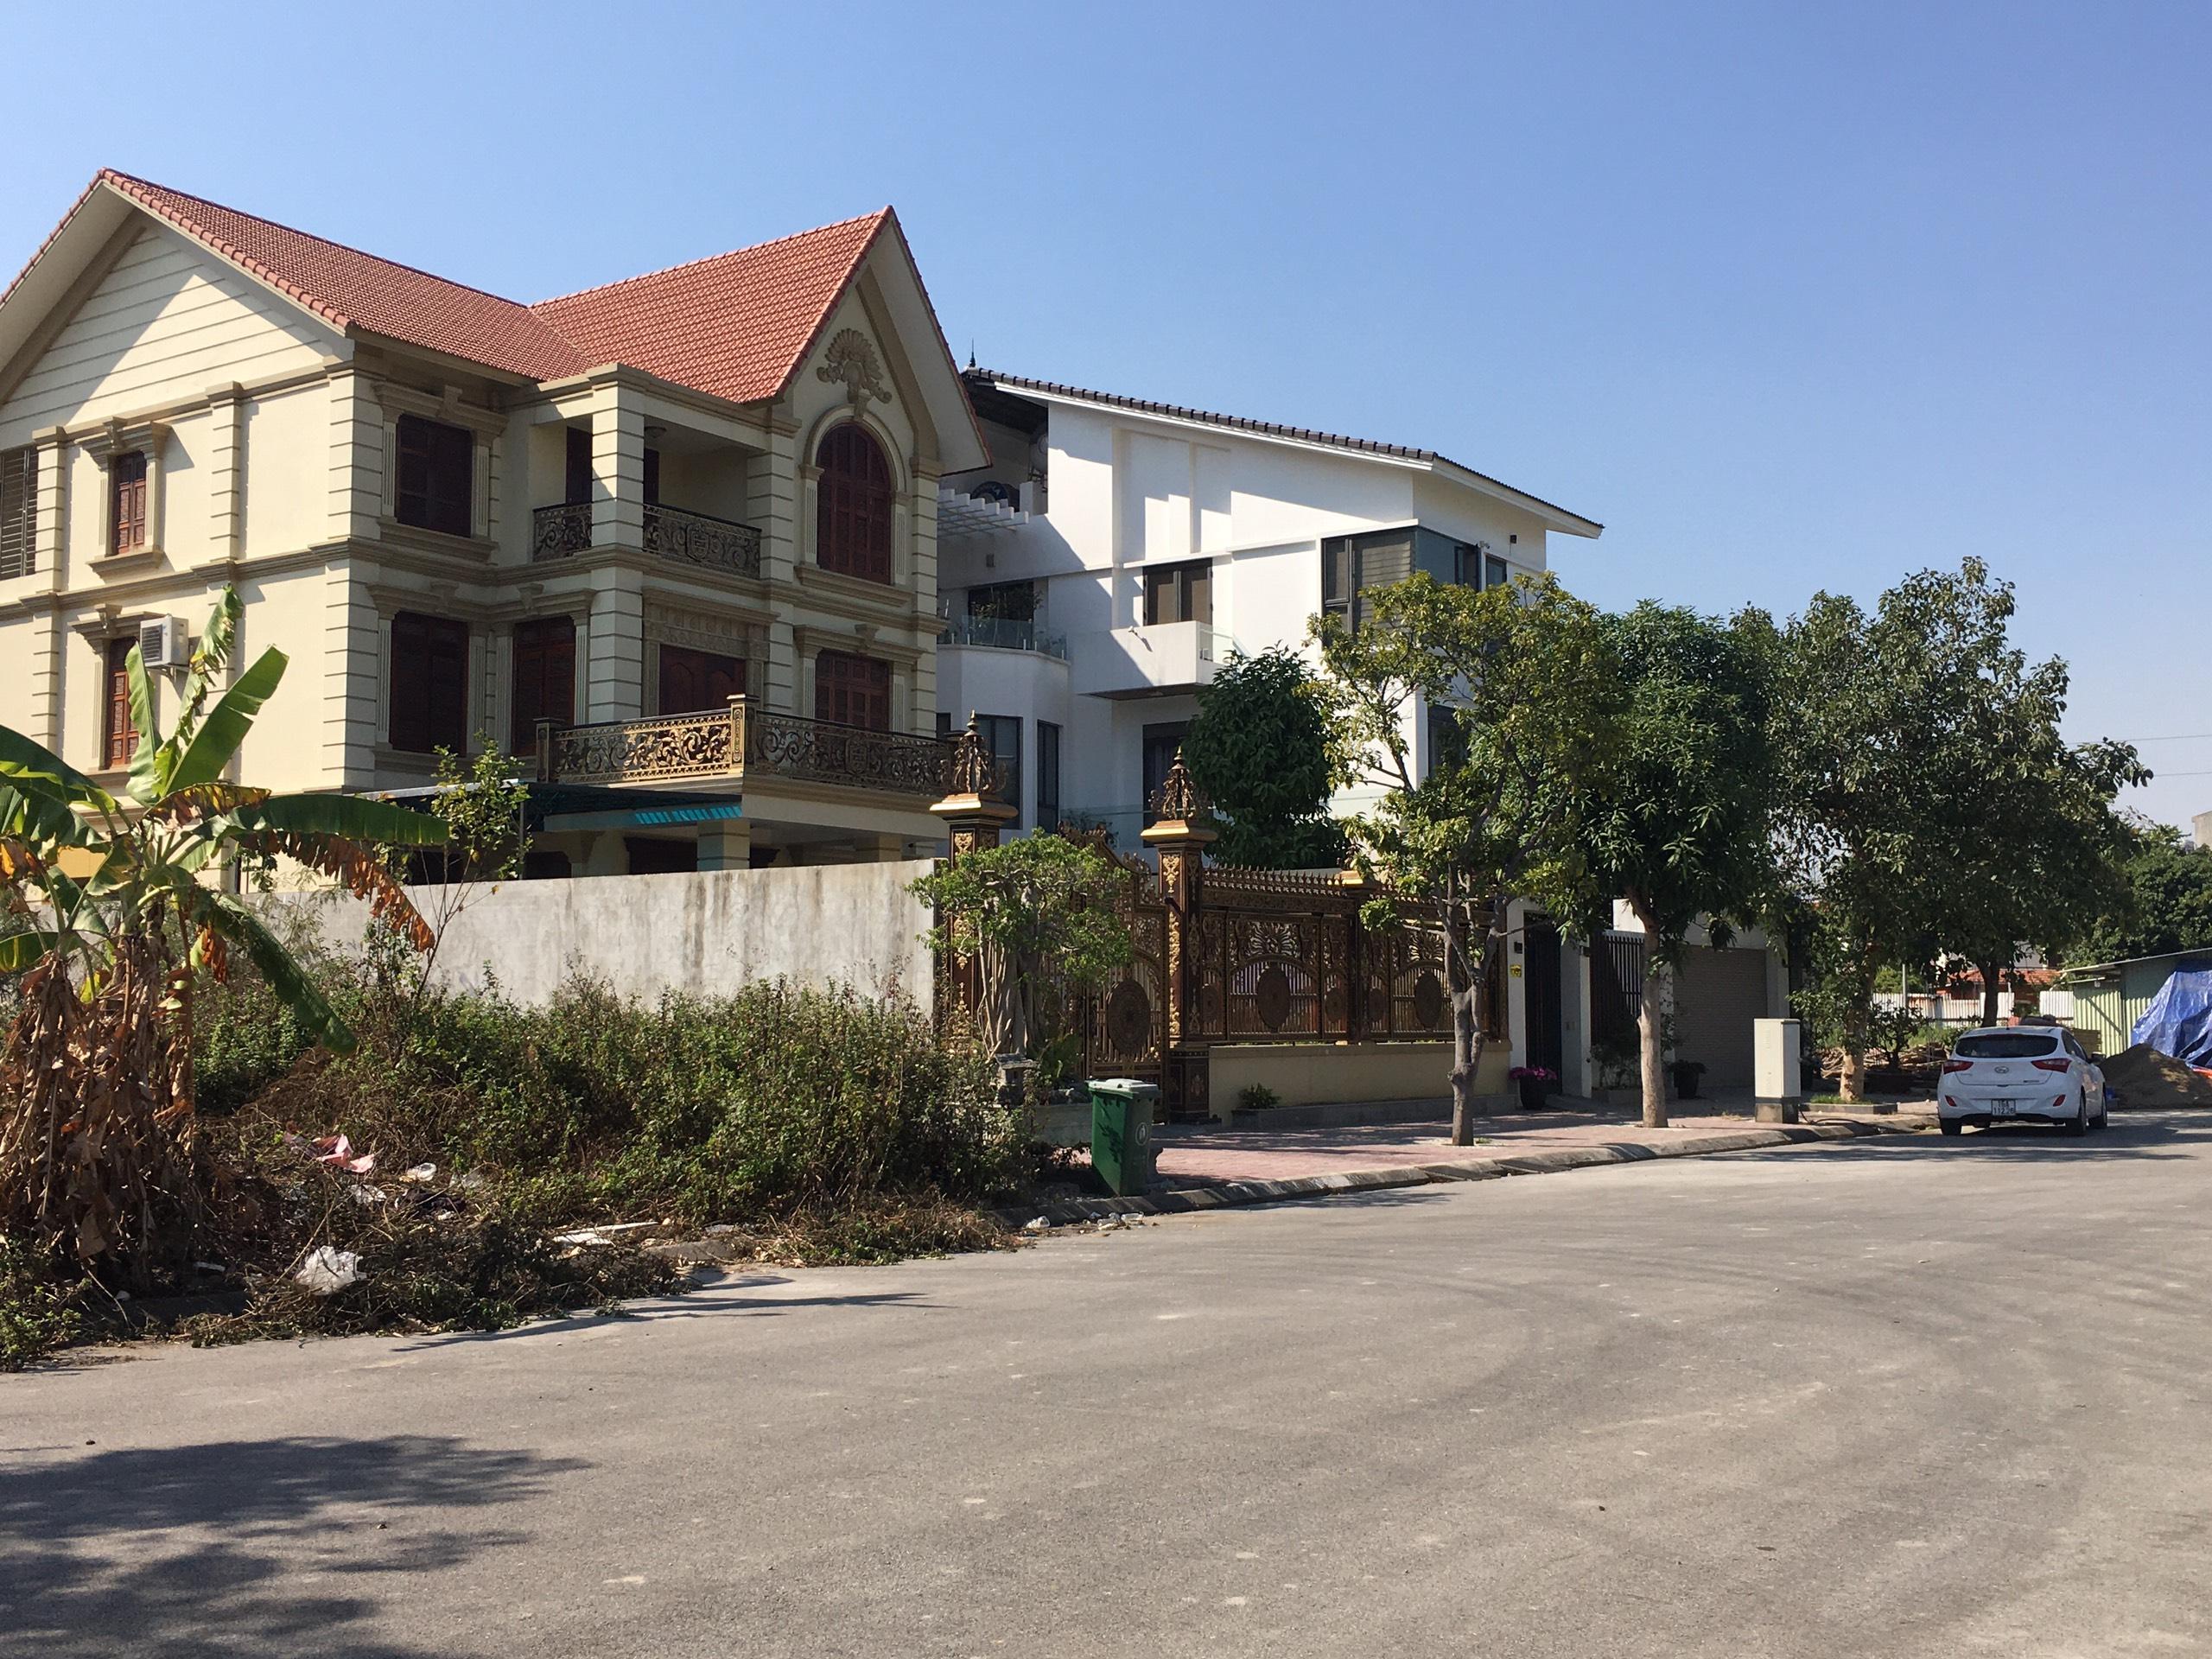 Chuyển nhượng lô đất biệt thự 2 mặt tiền khu TĐC Kiều Hạ, Đông Hải 2, Hải An, Hải Phòng